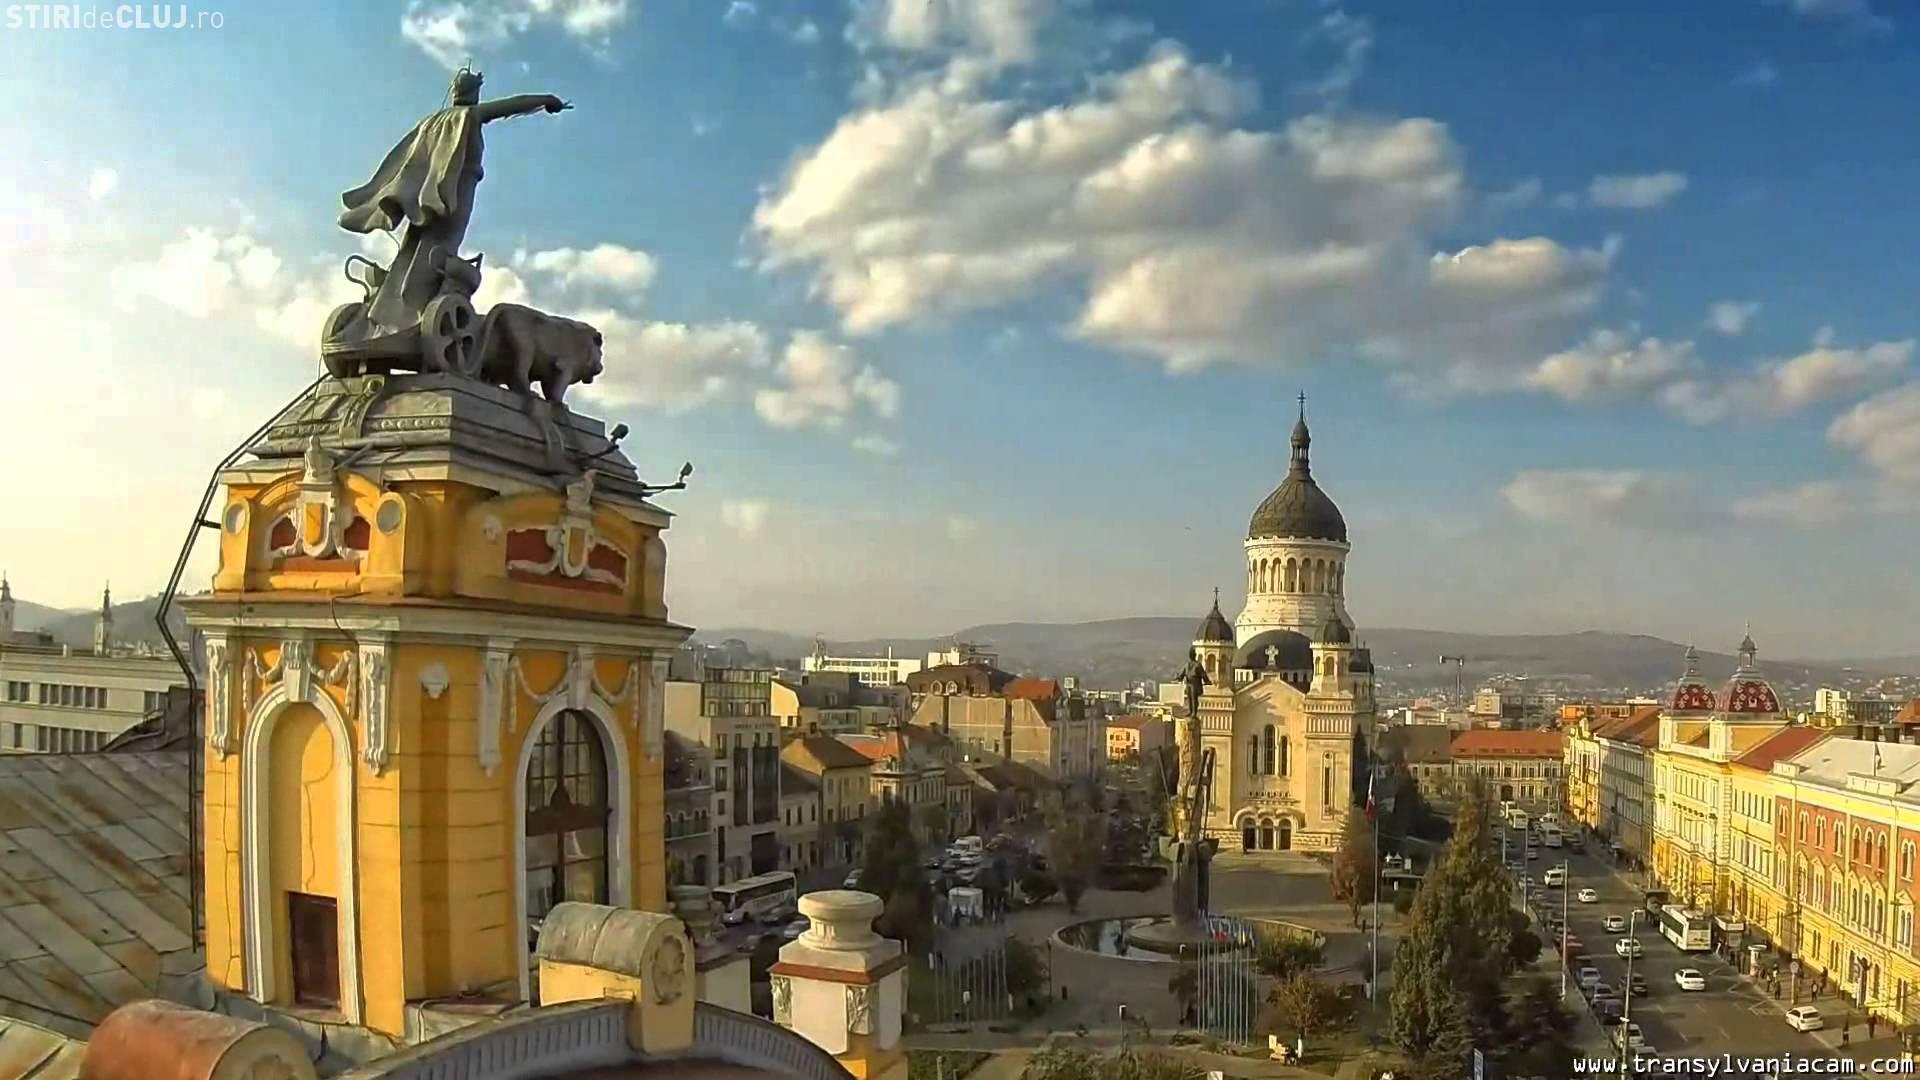 Cluj-Napoca: Dezbatere publică pe tema bugetului. Priorități și investiții în 2017. Sunteți de acord?